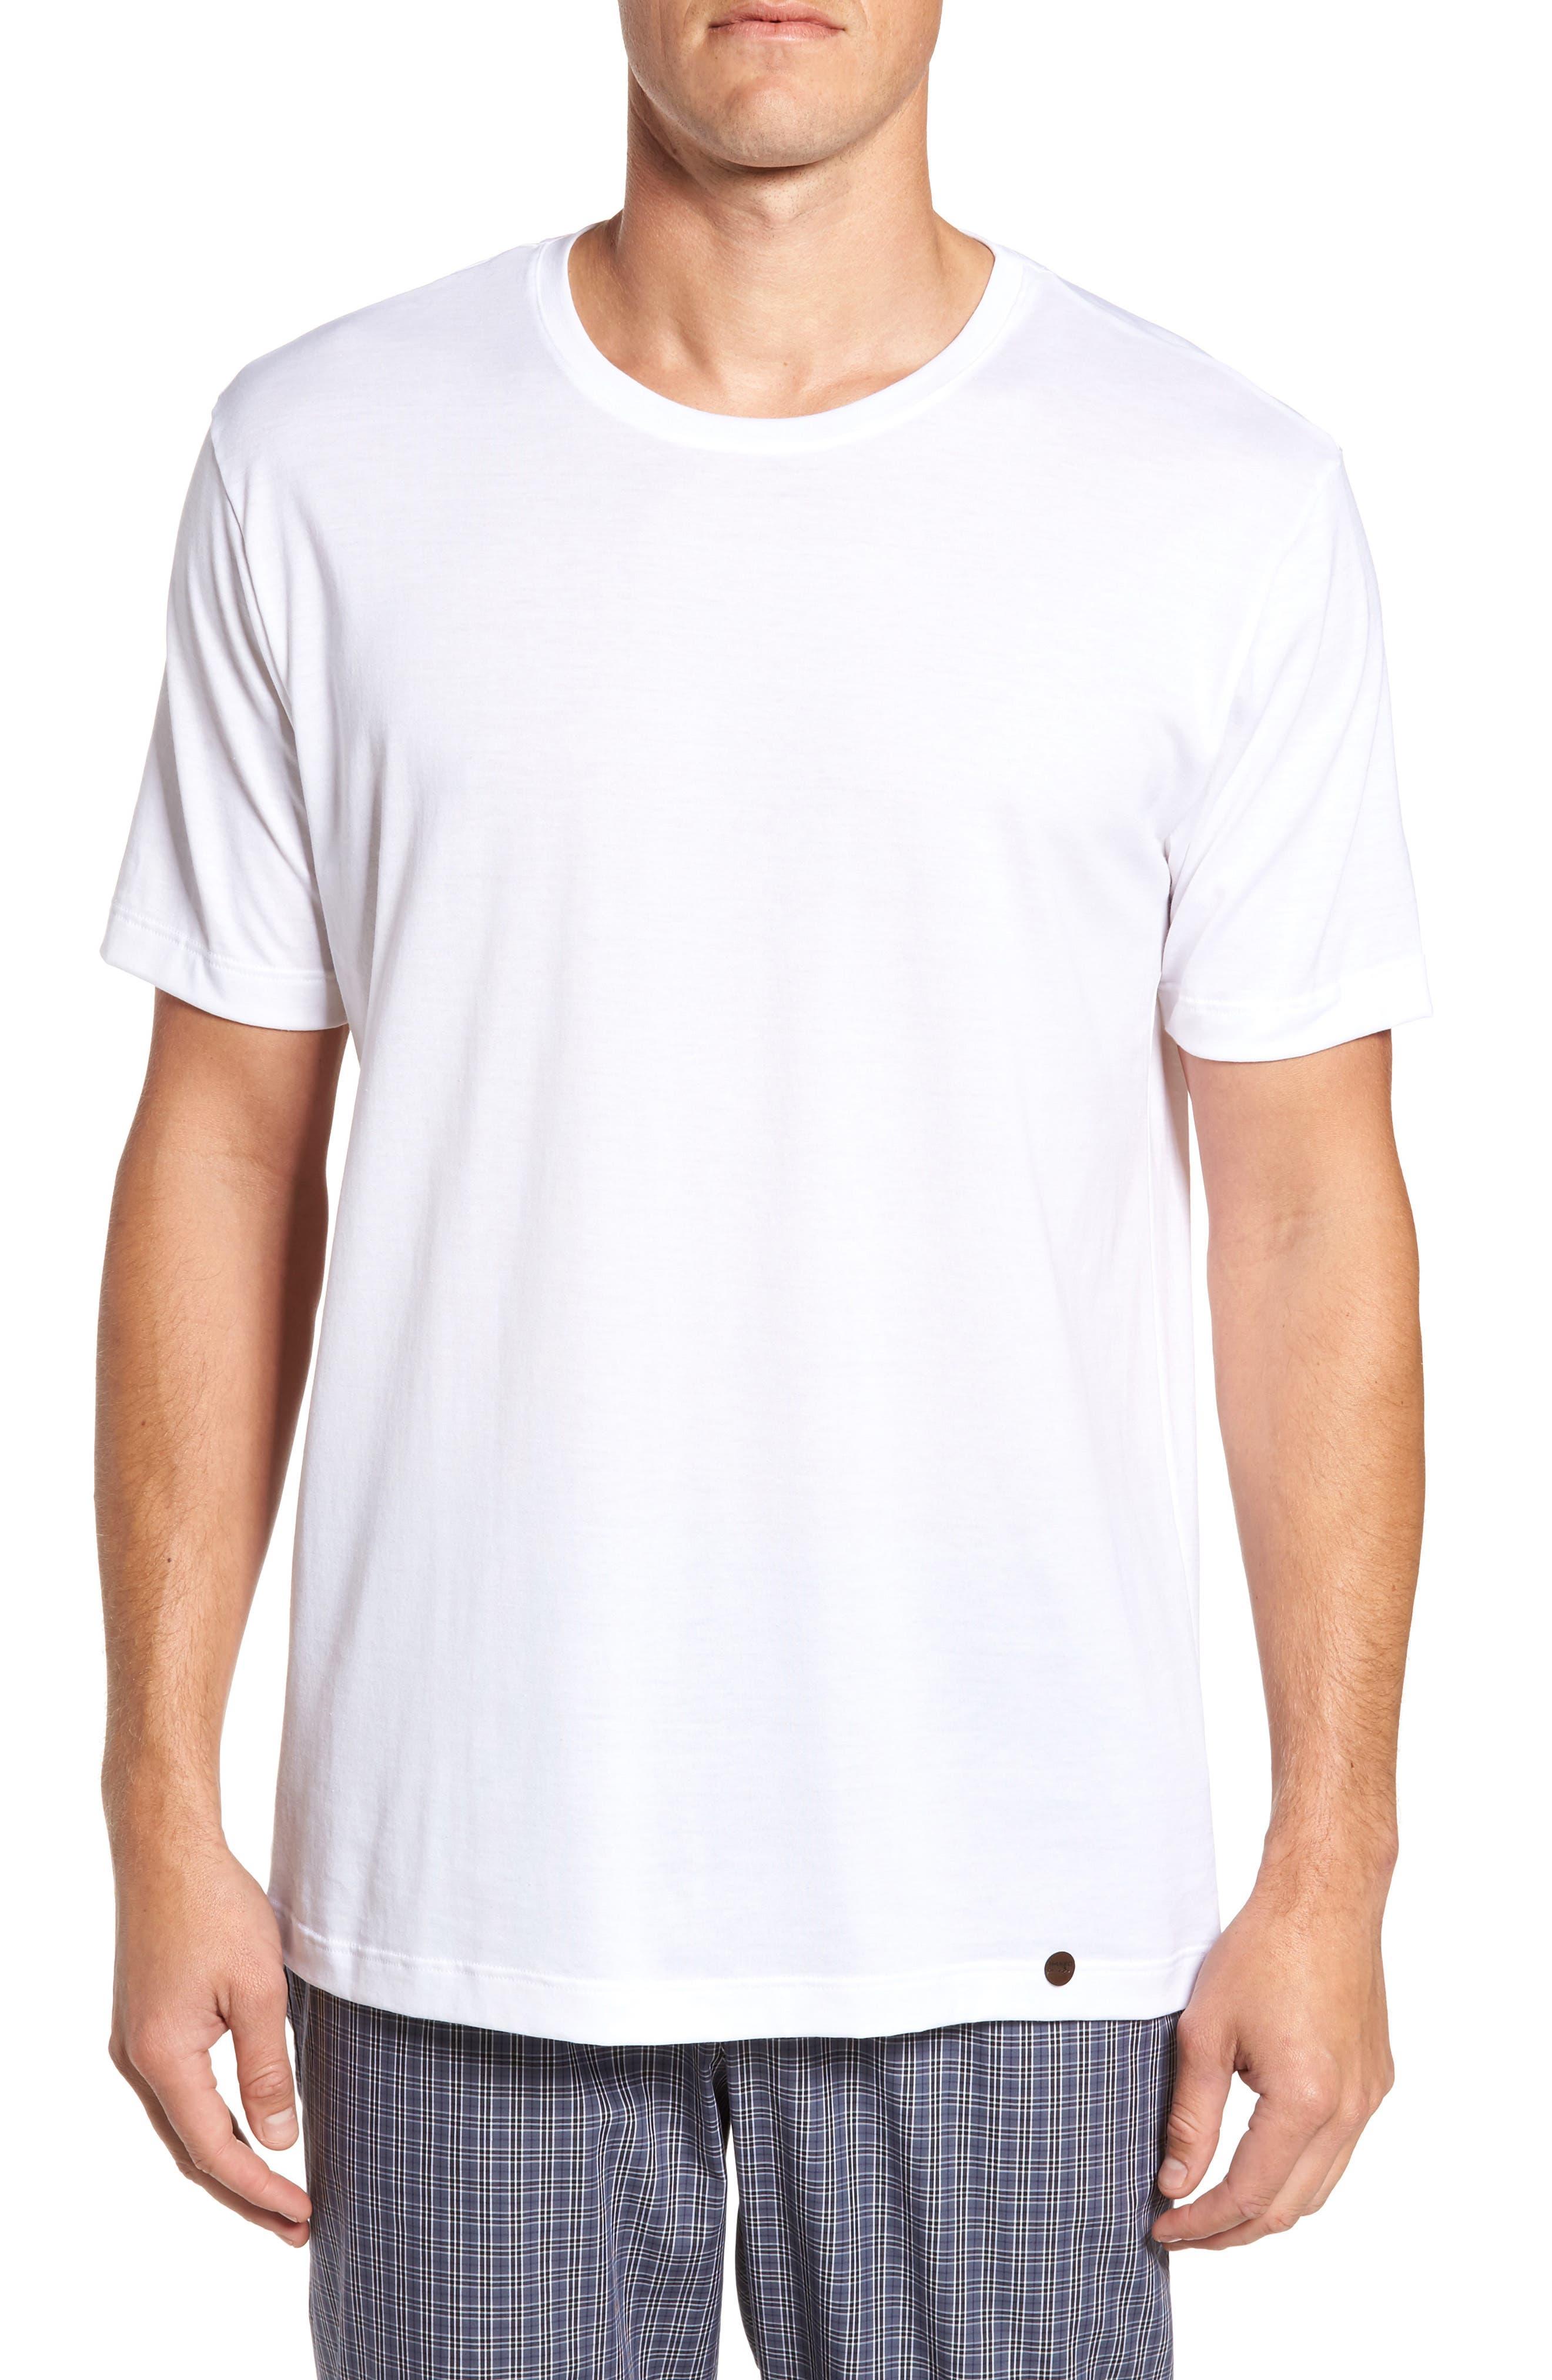 Hanro Night & Day Crewneck T-Shirt